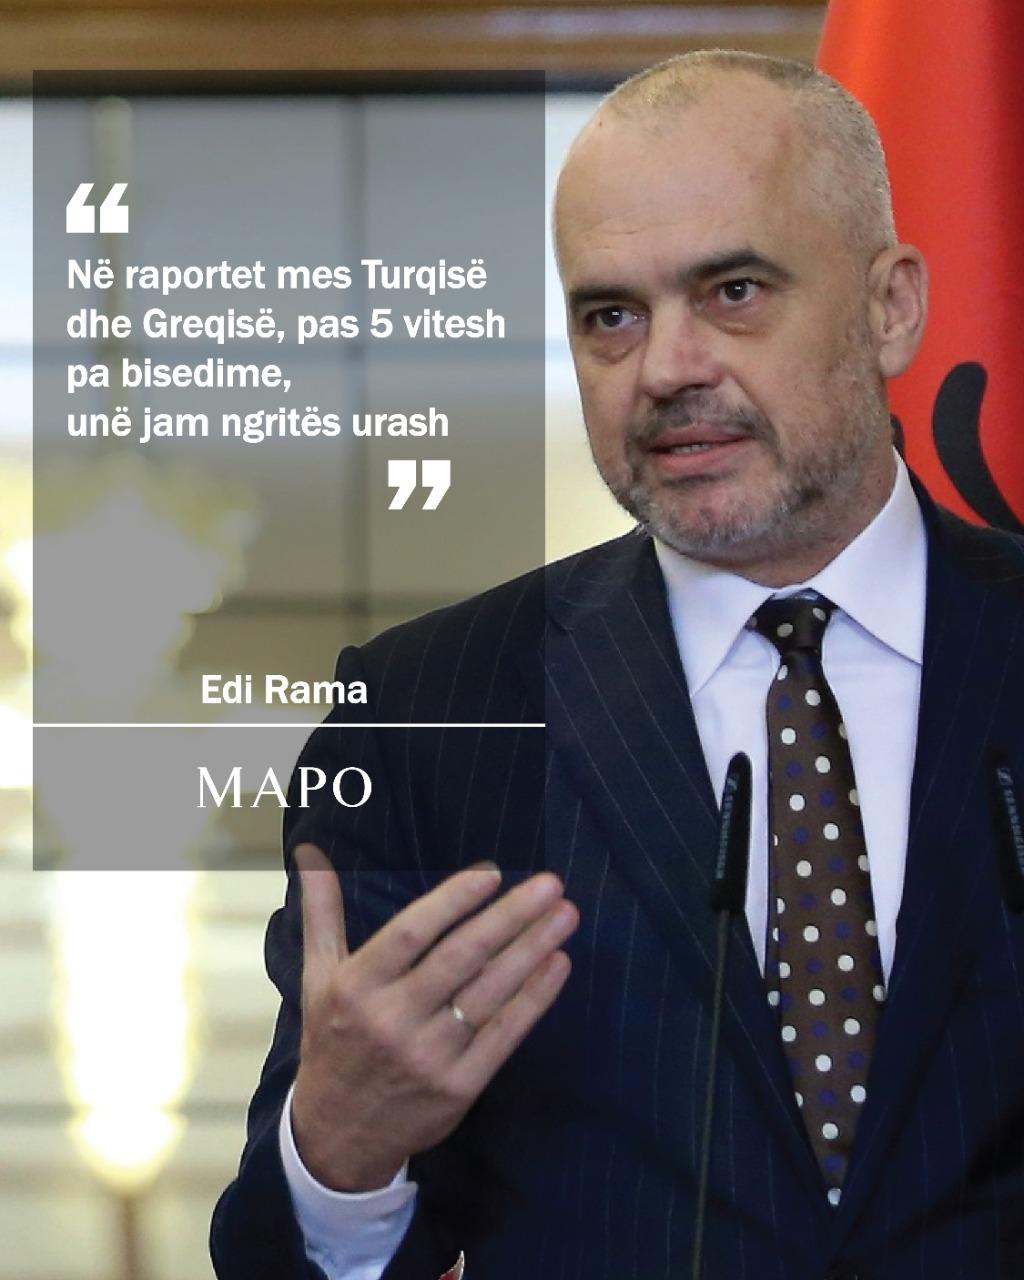 Rama: Në raportet mes Turqisë dhe Greqisë, unë jam ngritës urash